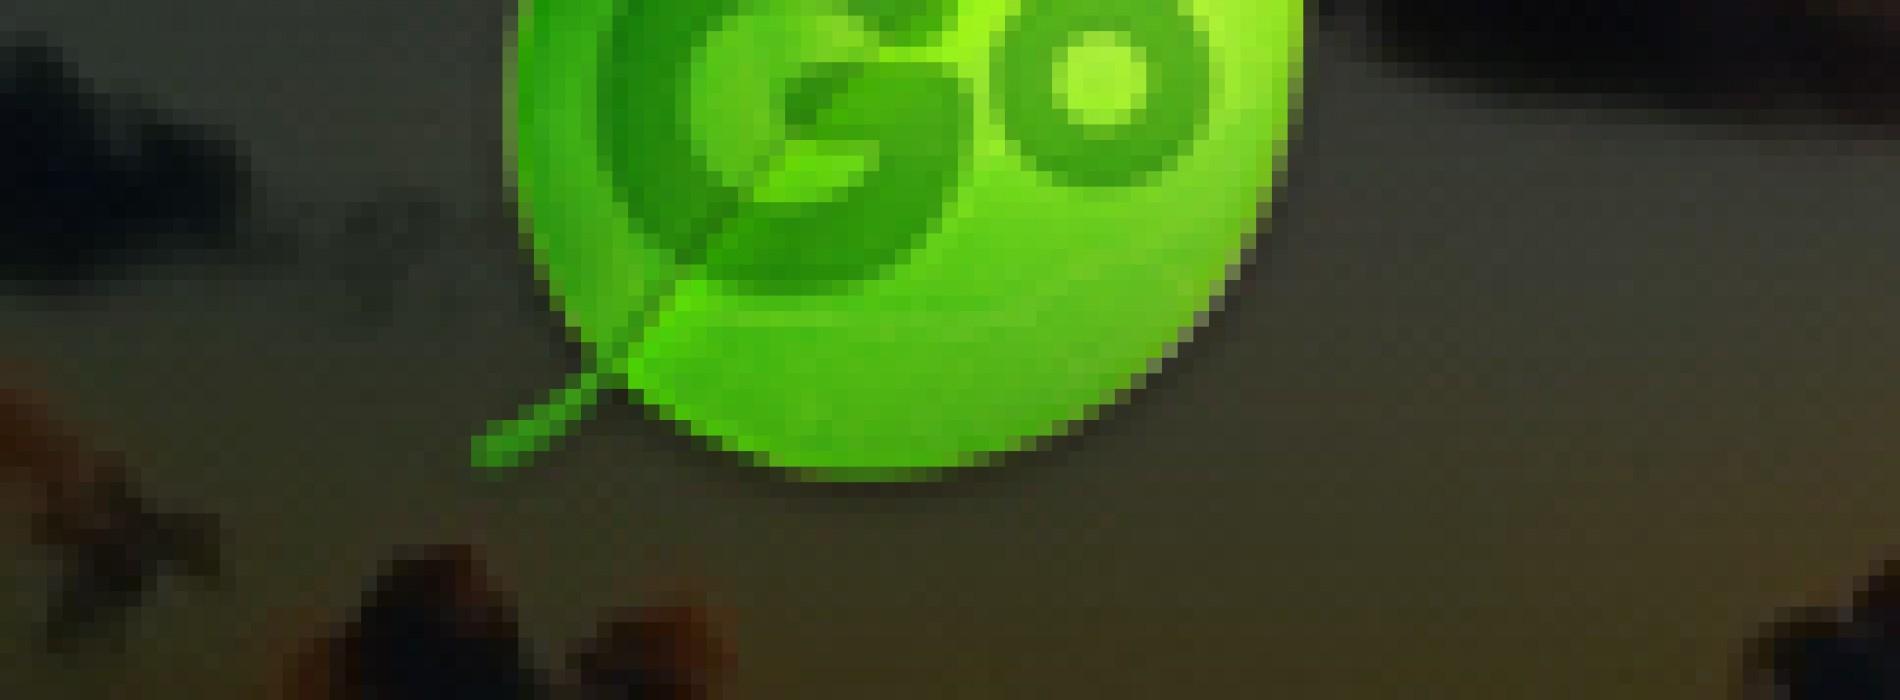 Go keyboard | كيبورد للجالكسي اس 2 يدعم ابتسامات Emoji والحركات بالعربي واختيار ثيم له